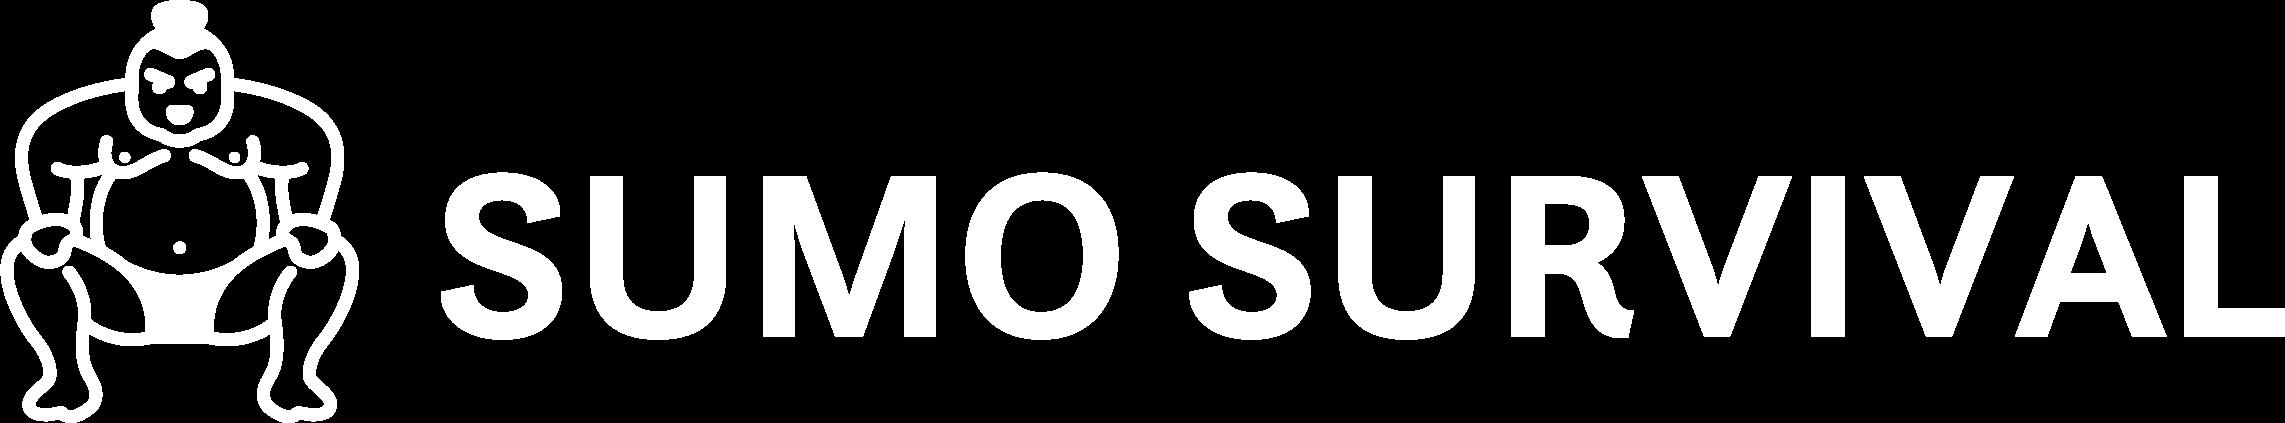 Sumo Survival Logo